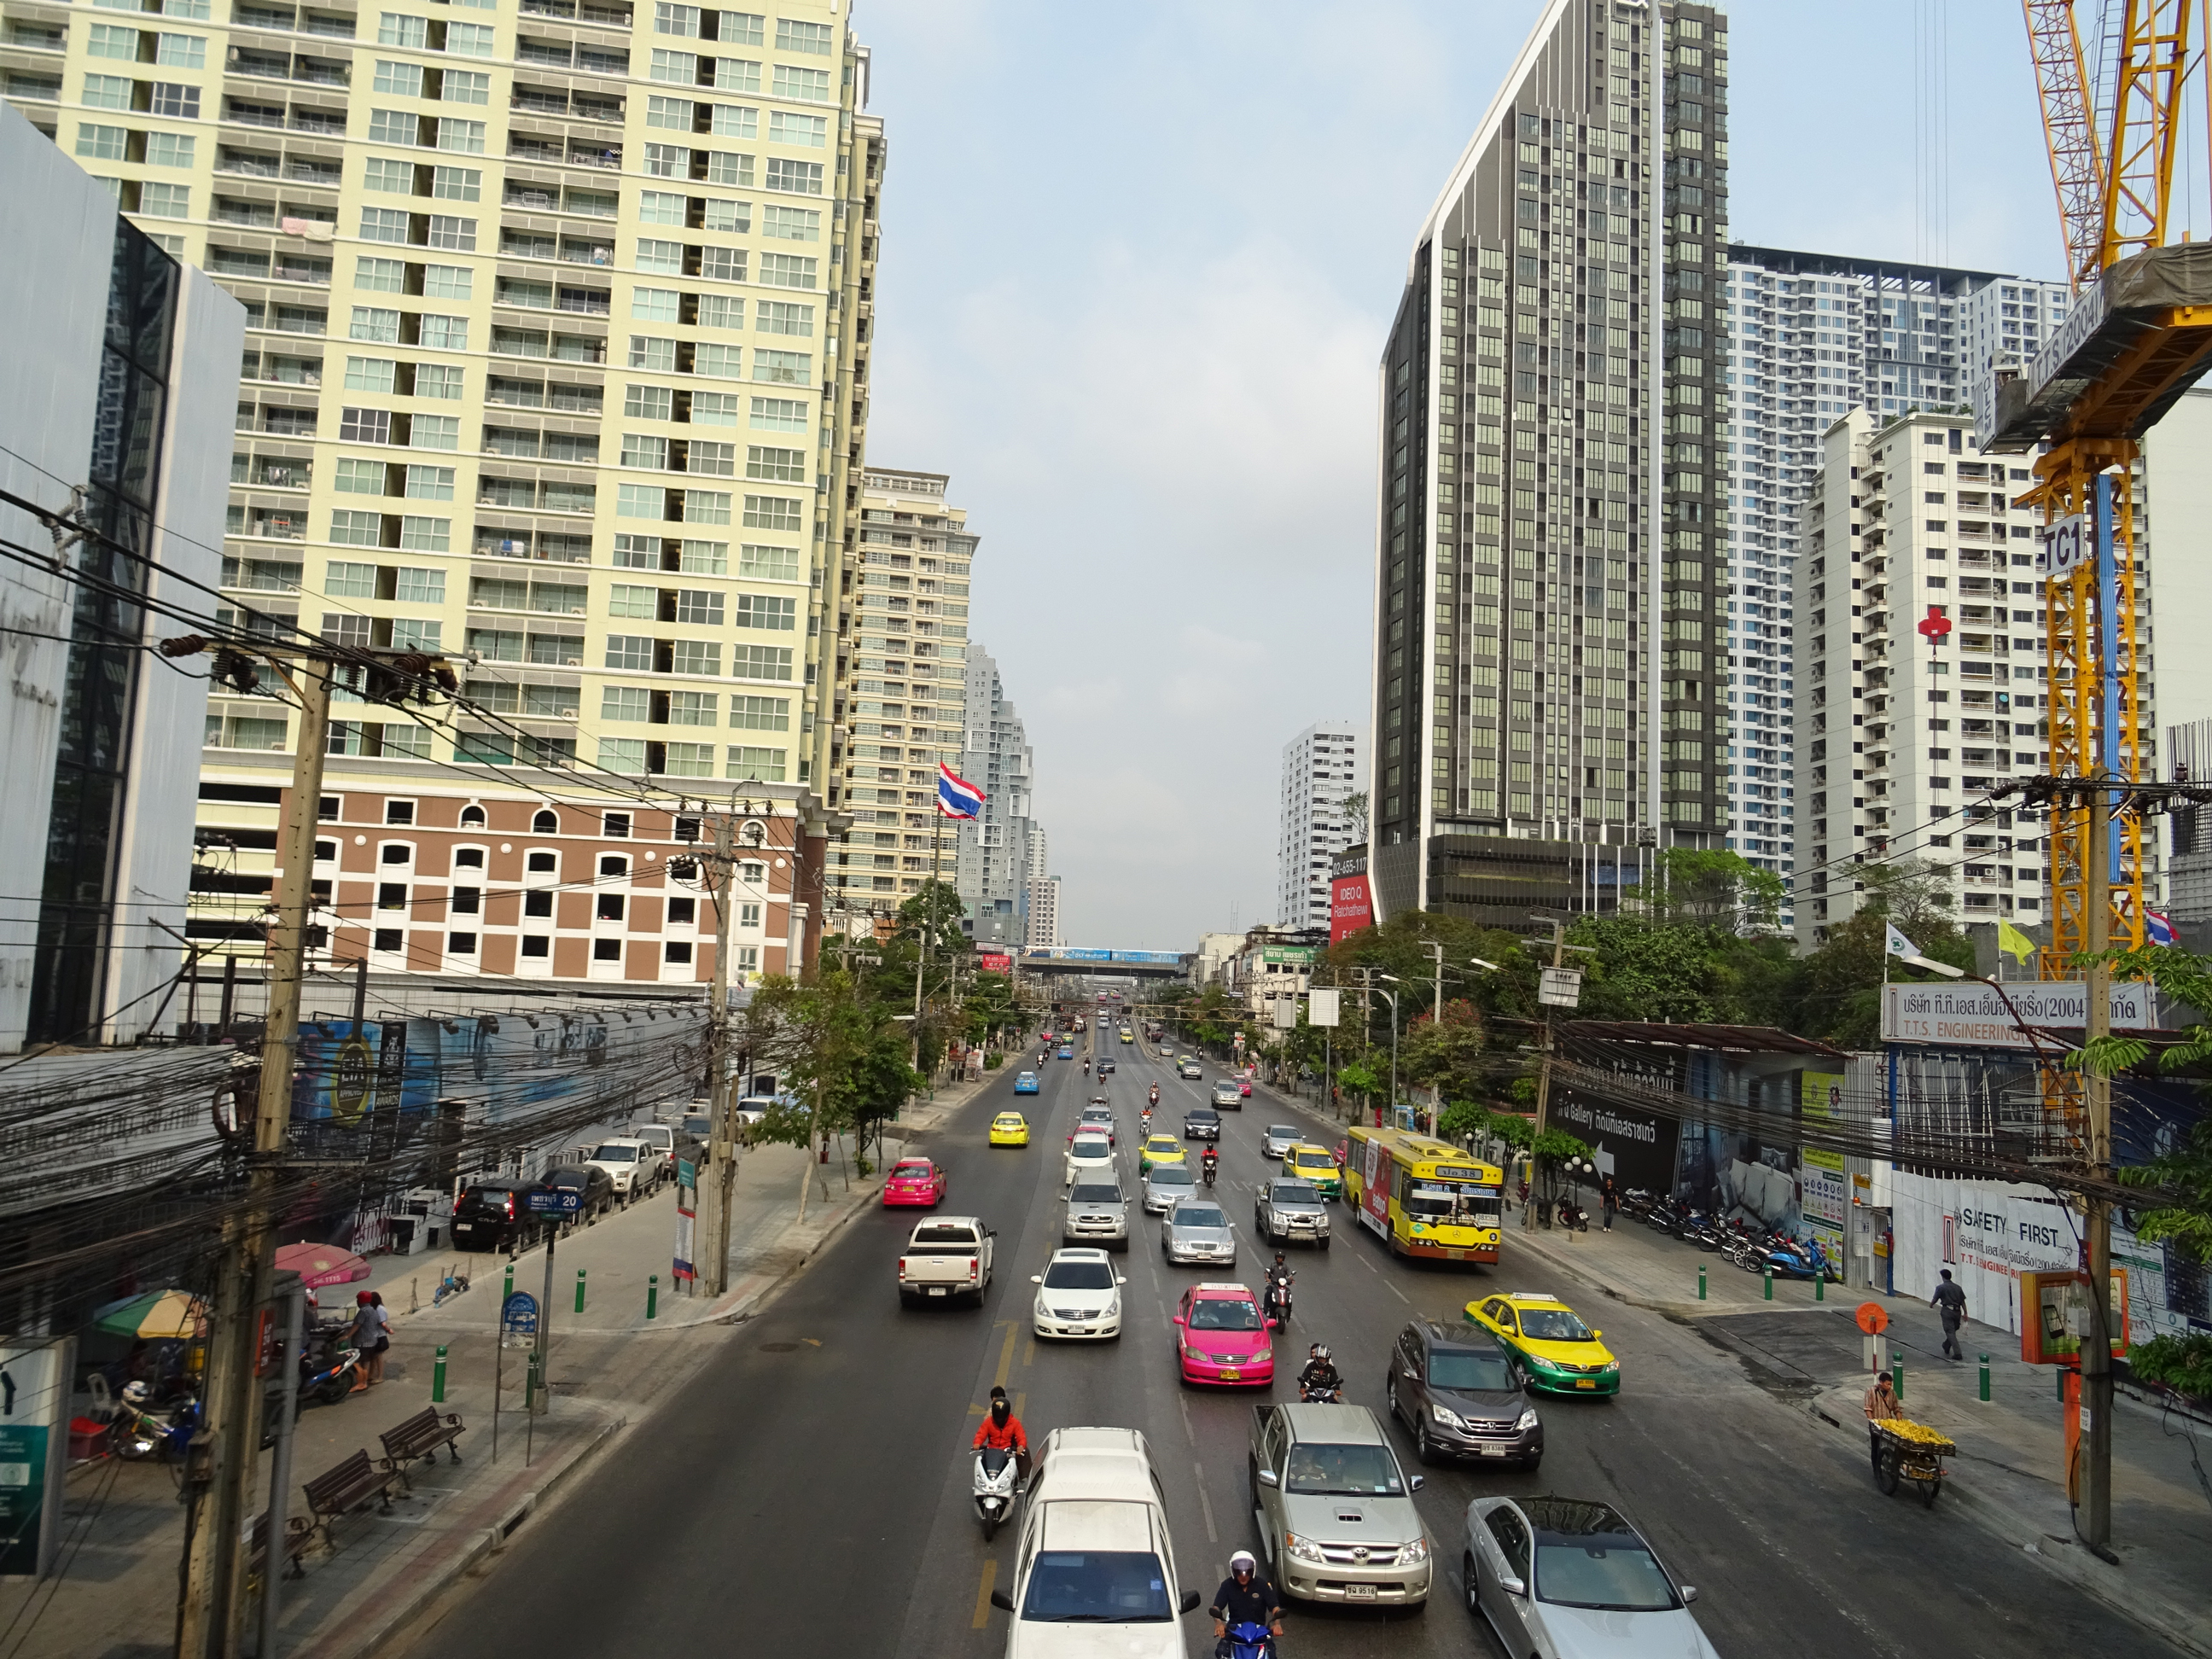 Un salto a Bangkok, qué hacer en 2-3 días